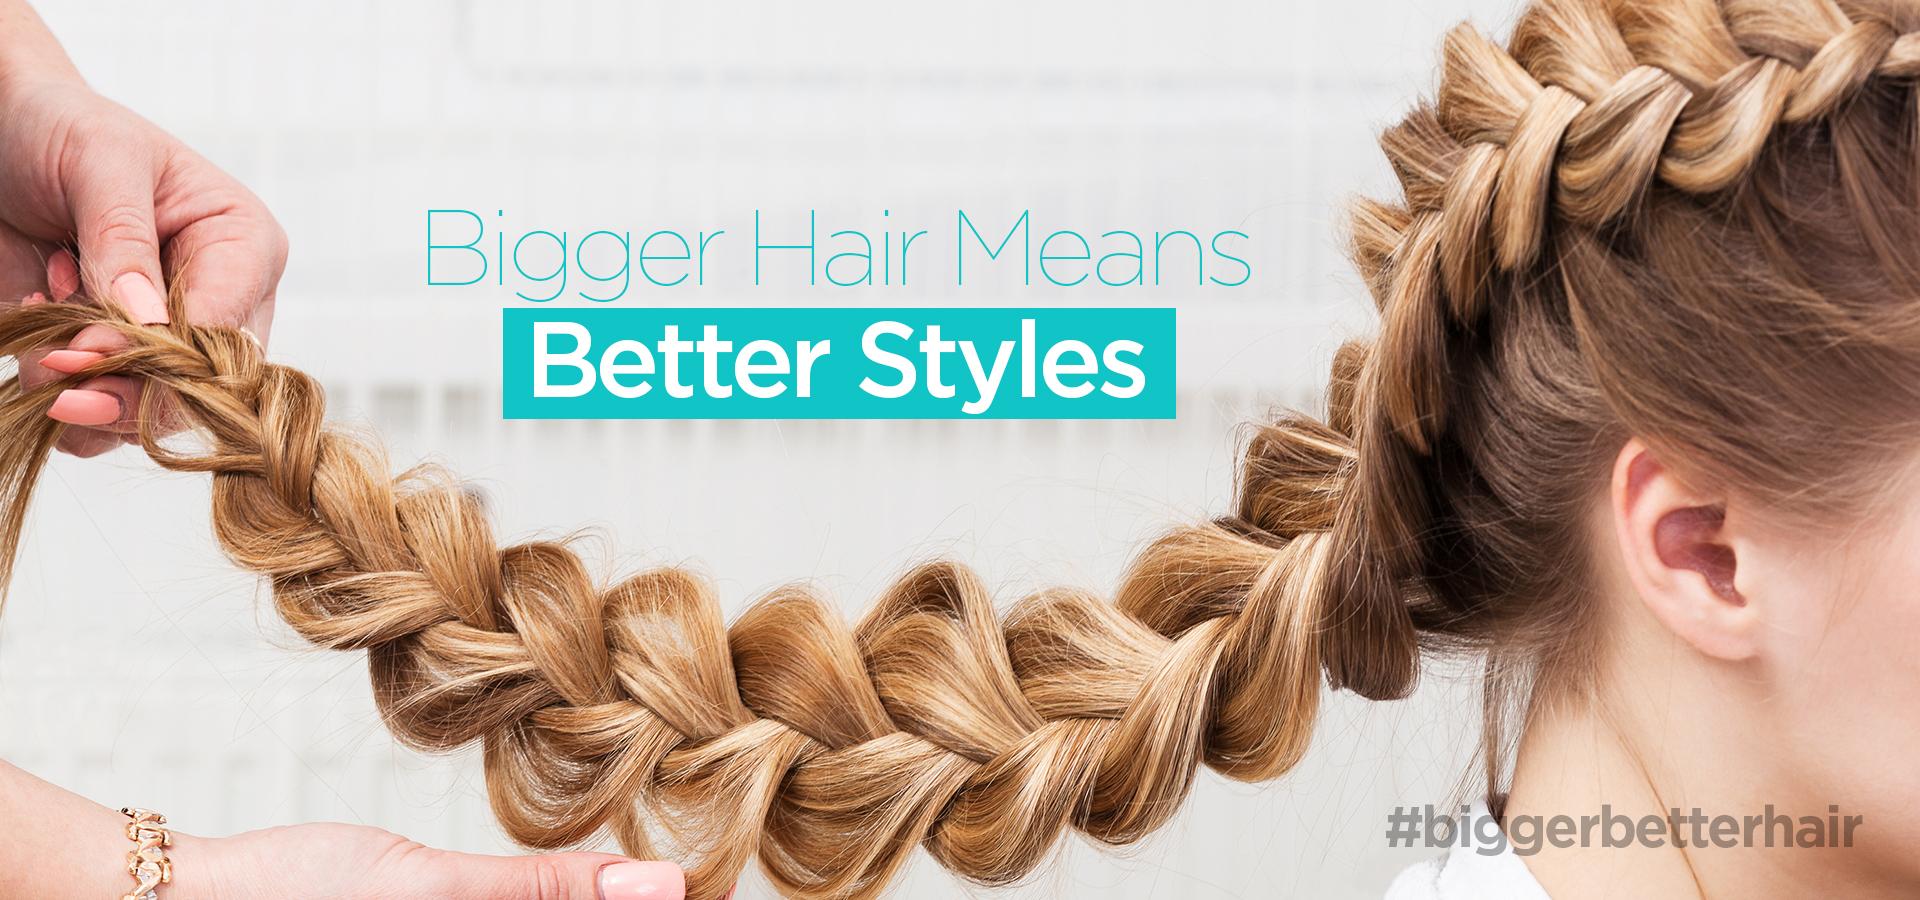 Slider-Image-Bigger-Hair-Means-Better-Styles